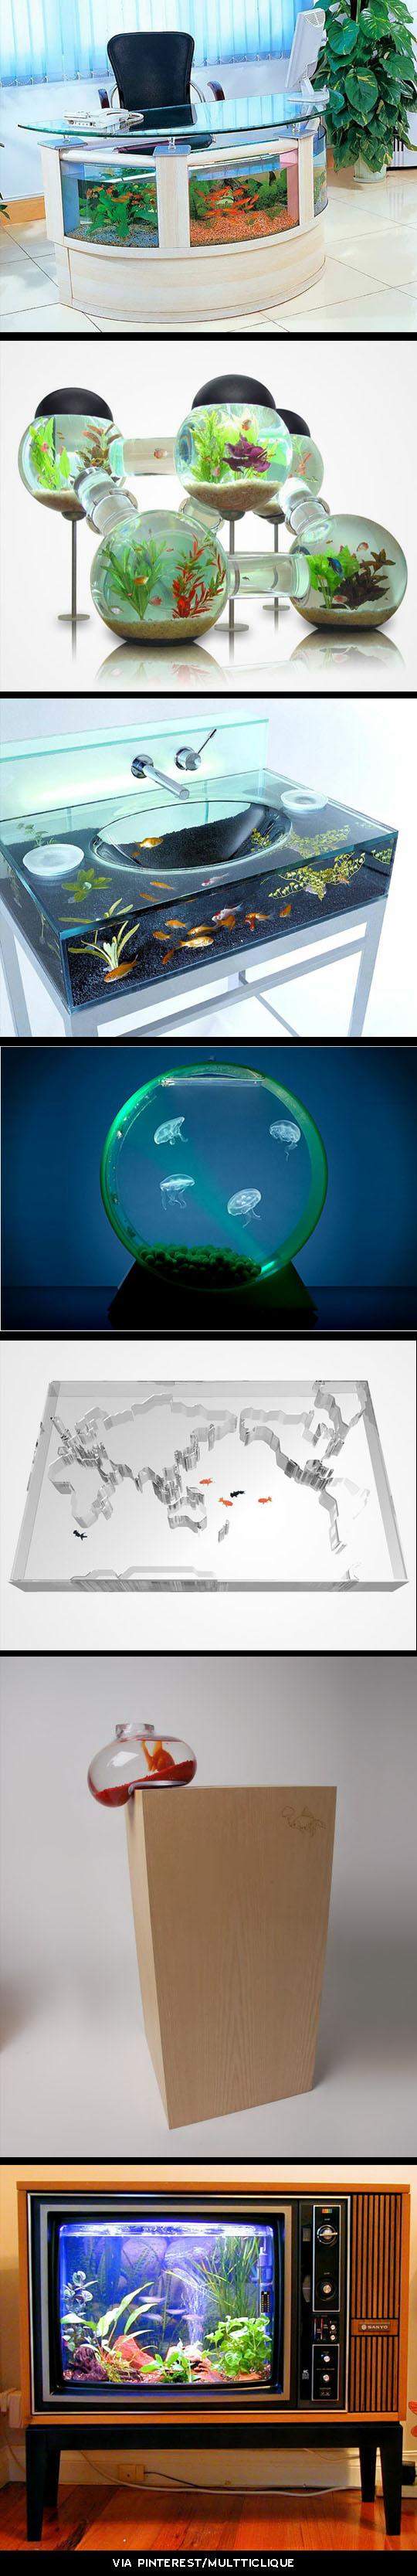 aquarium design pinterest fische haustiere und ausgefallene wohnideen. Black Bedroom Furniture Sets. Home Design Ideas